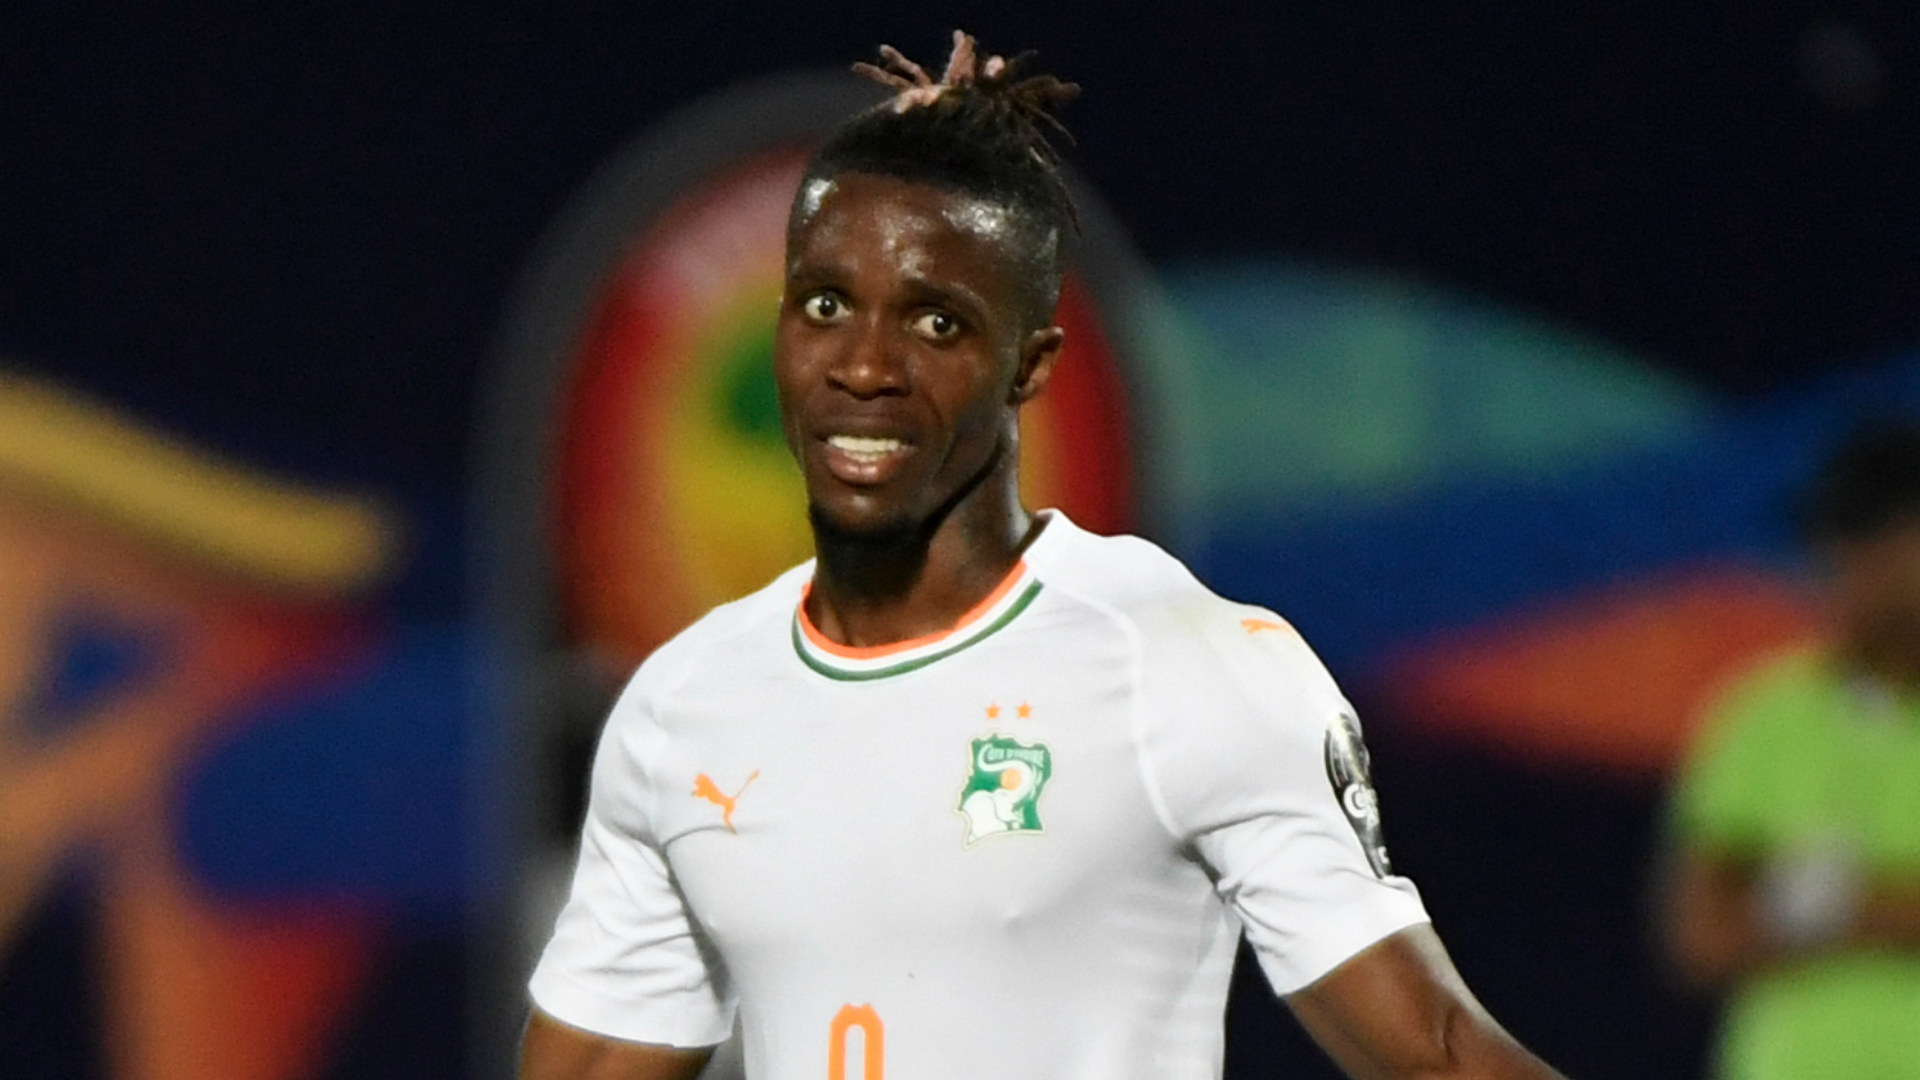 No Zaha as Ivory Coast release squad list for Ghana and Burkina Faso friendlies